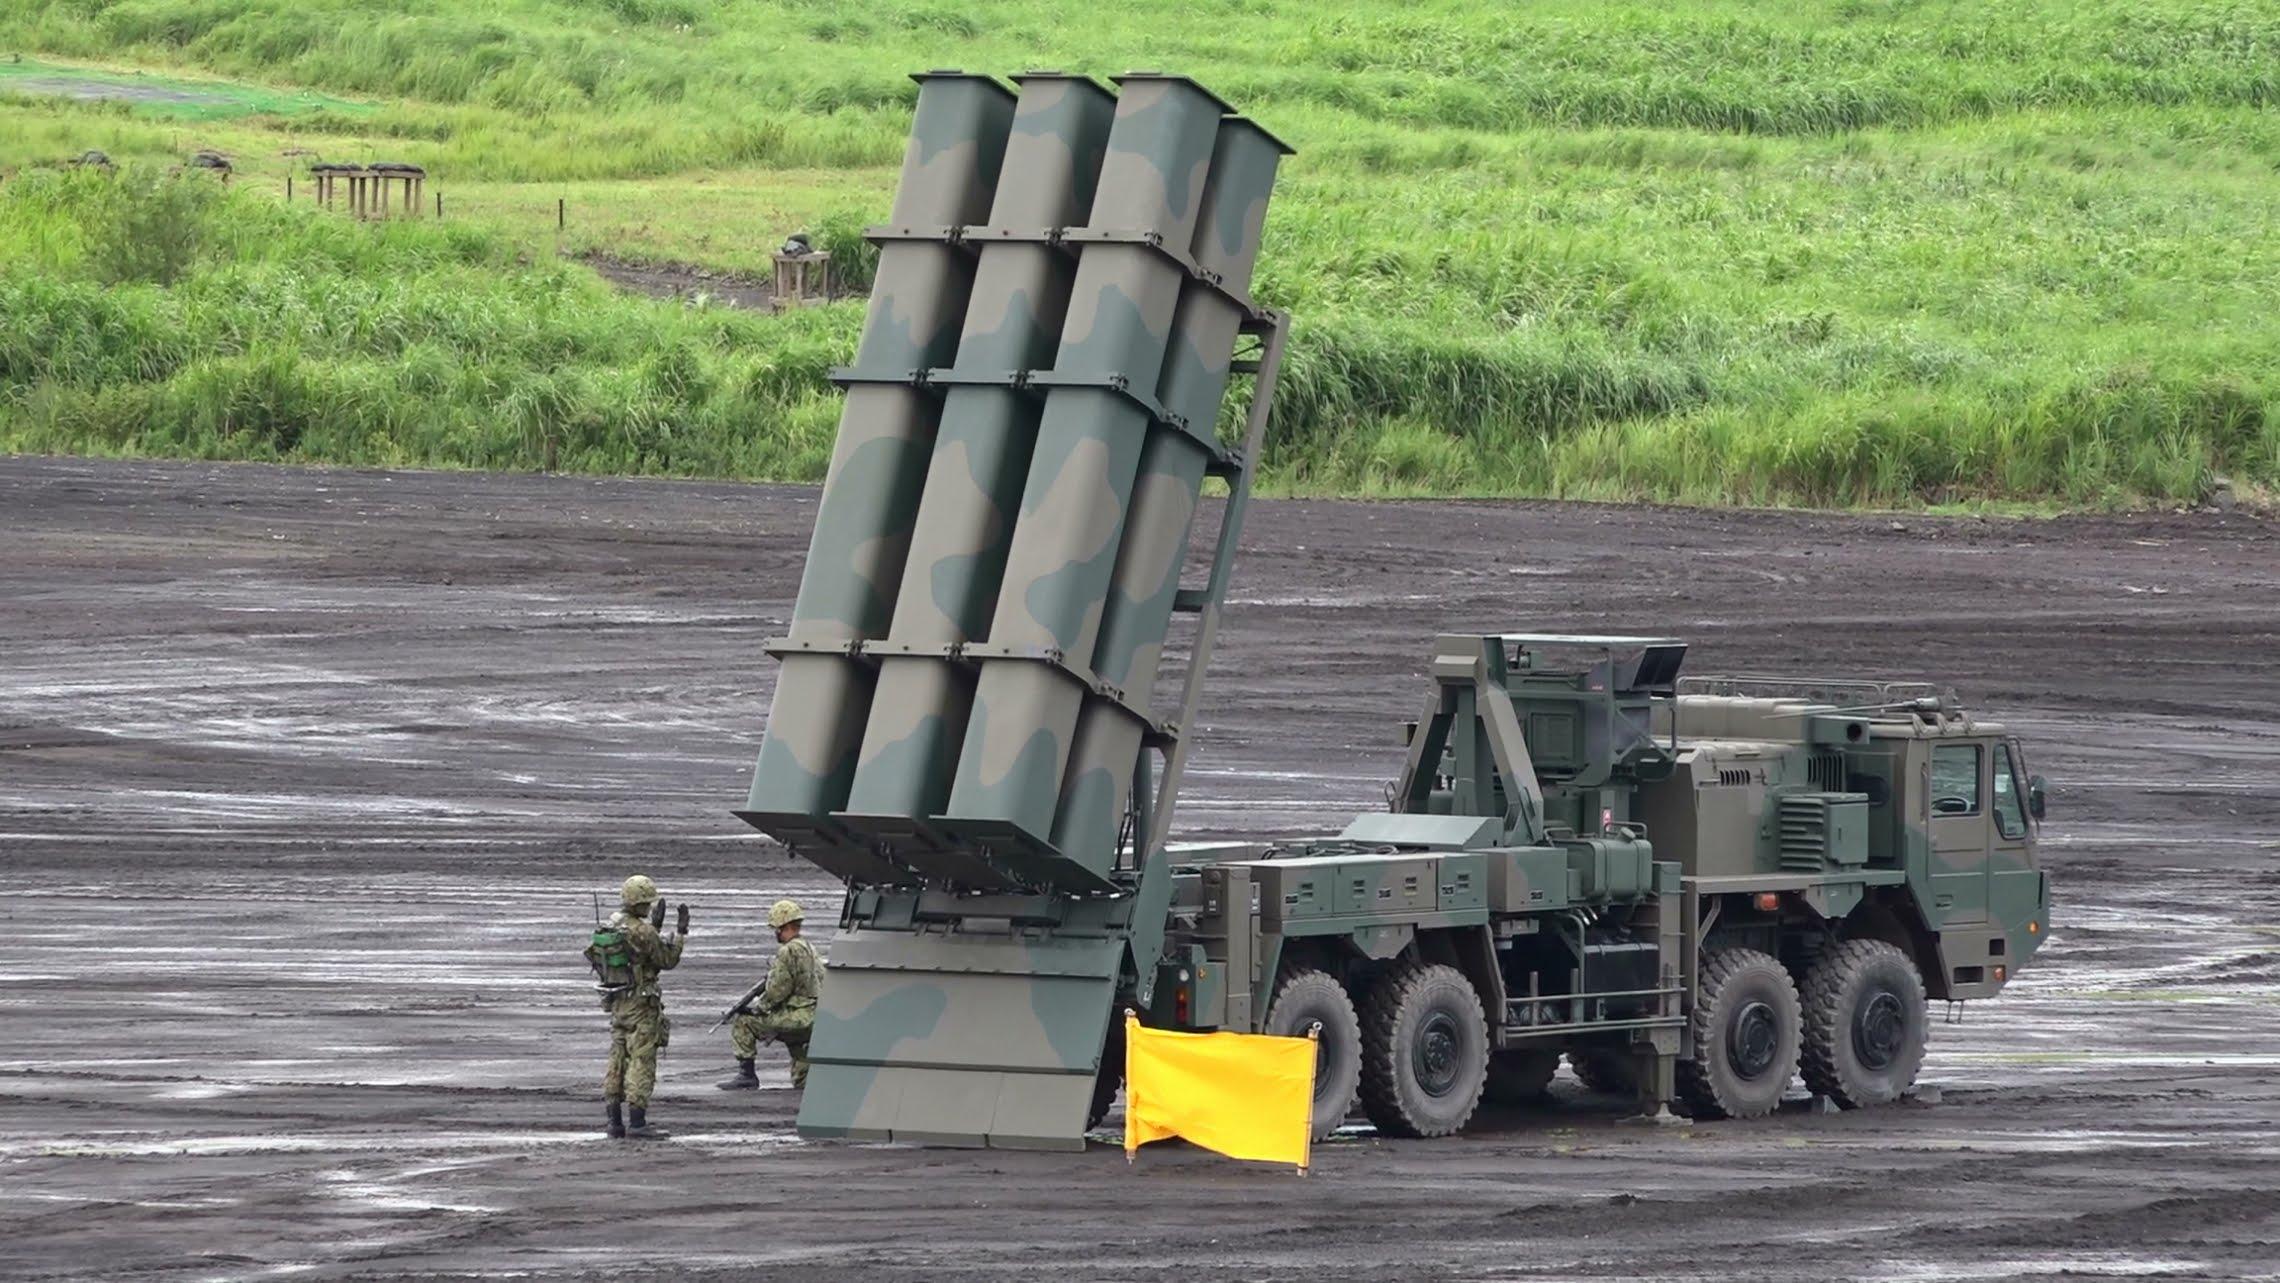 日本狼子野心又做痴梦,定计划用岸舰导弹阻挡中国海军出海